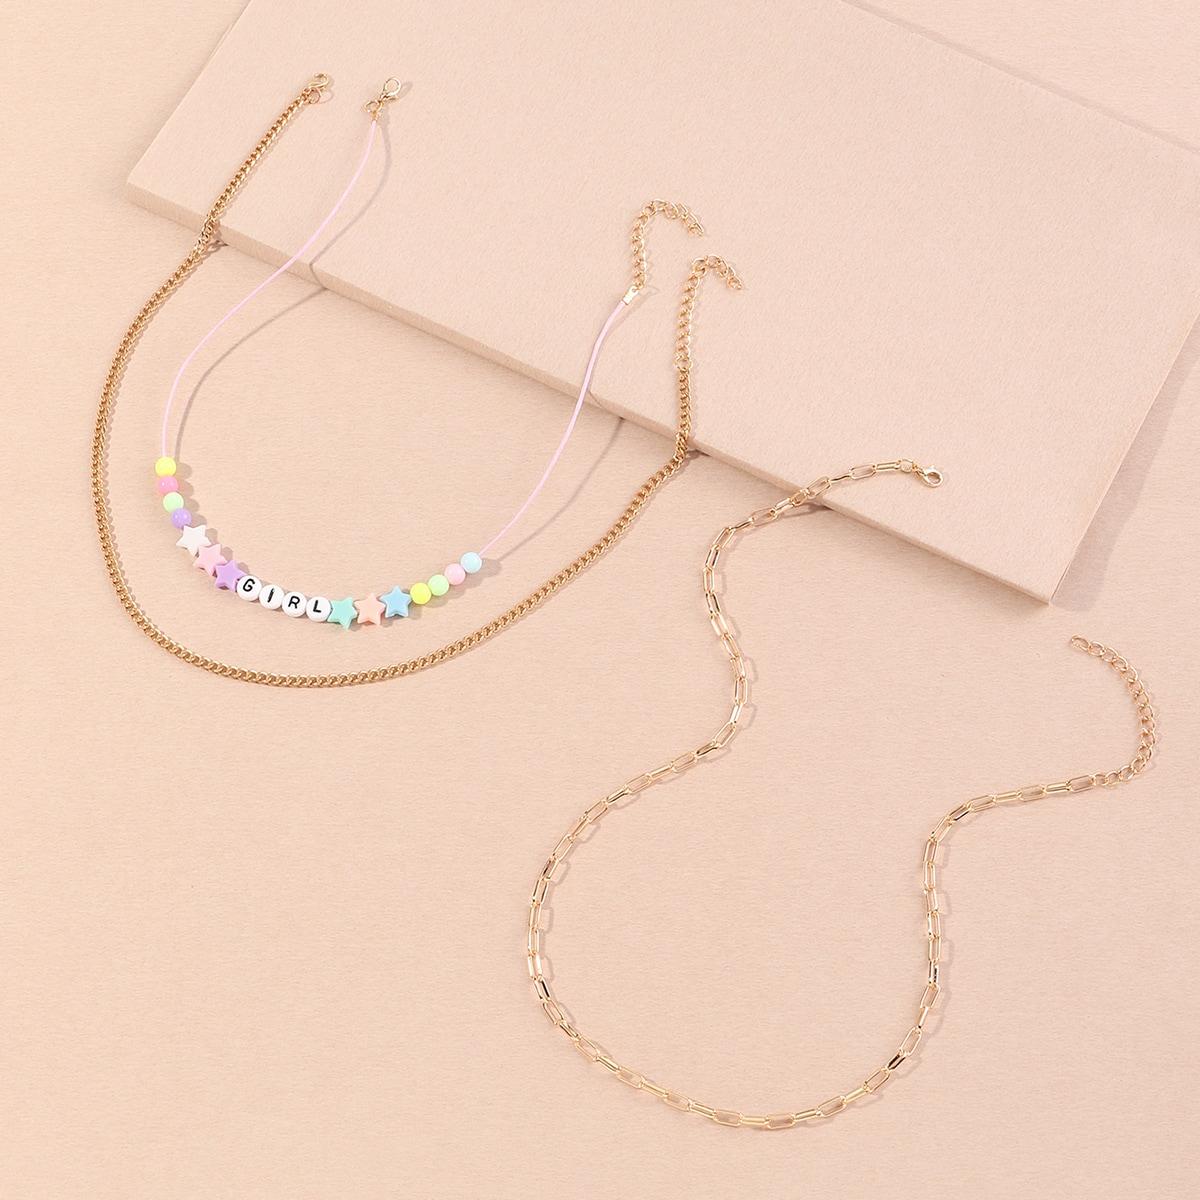 SHEIN / 3 Stücke Kleinkind Mädchen Halskette mit Buchstaben & Stern Anhänger